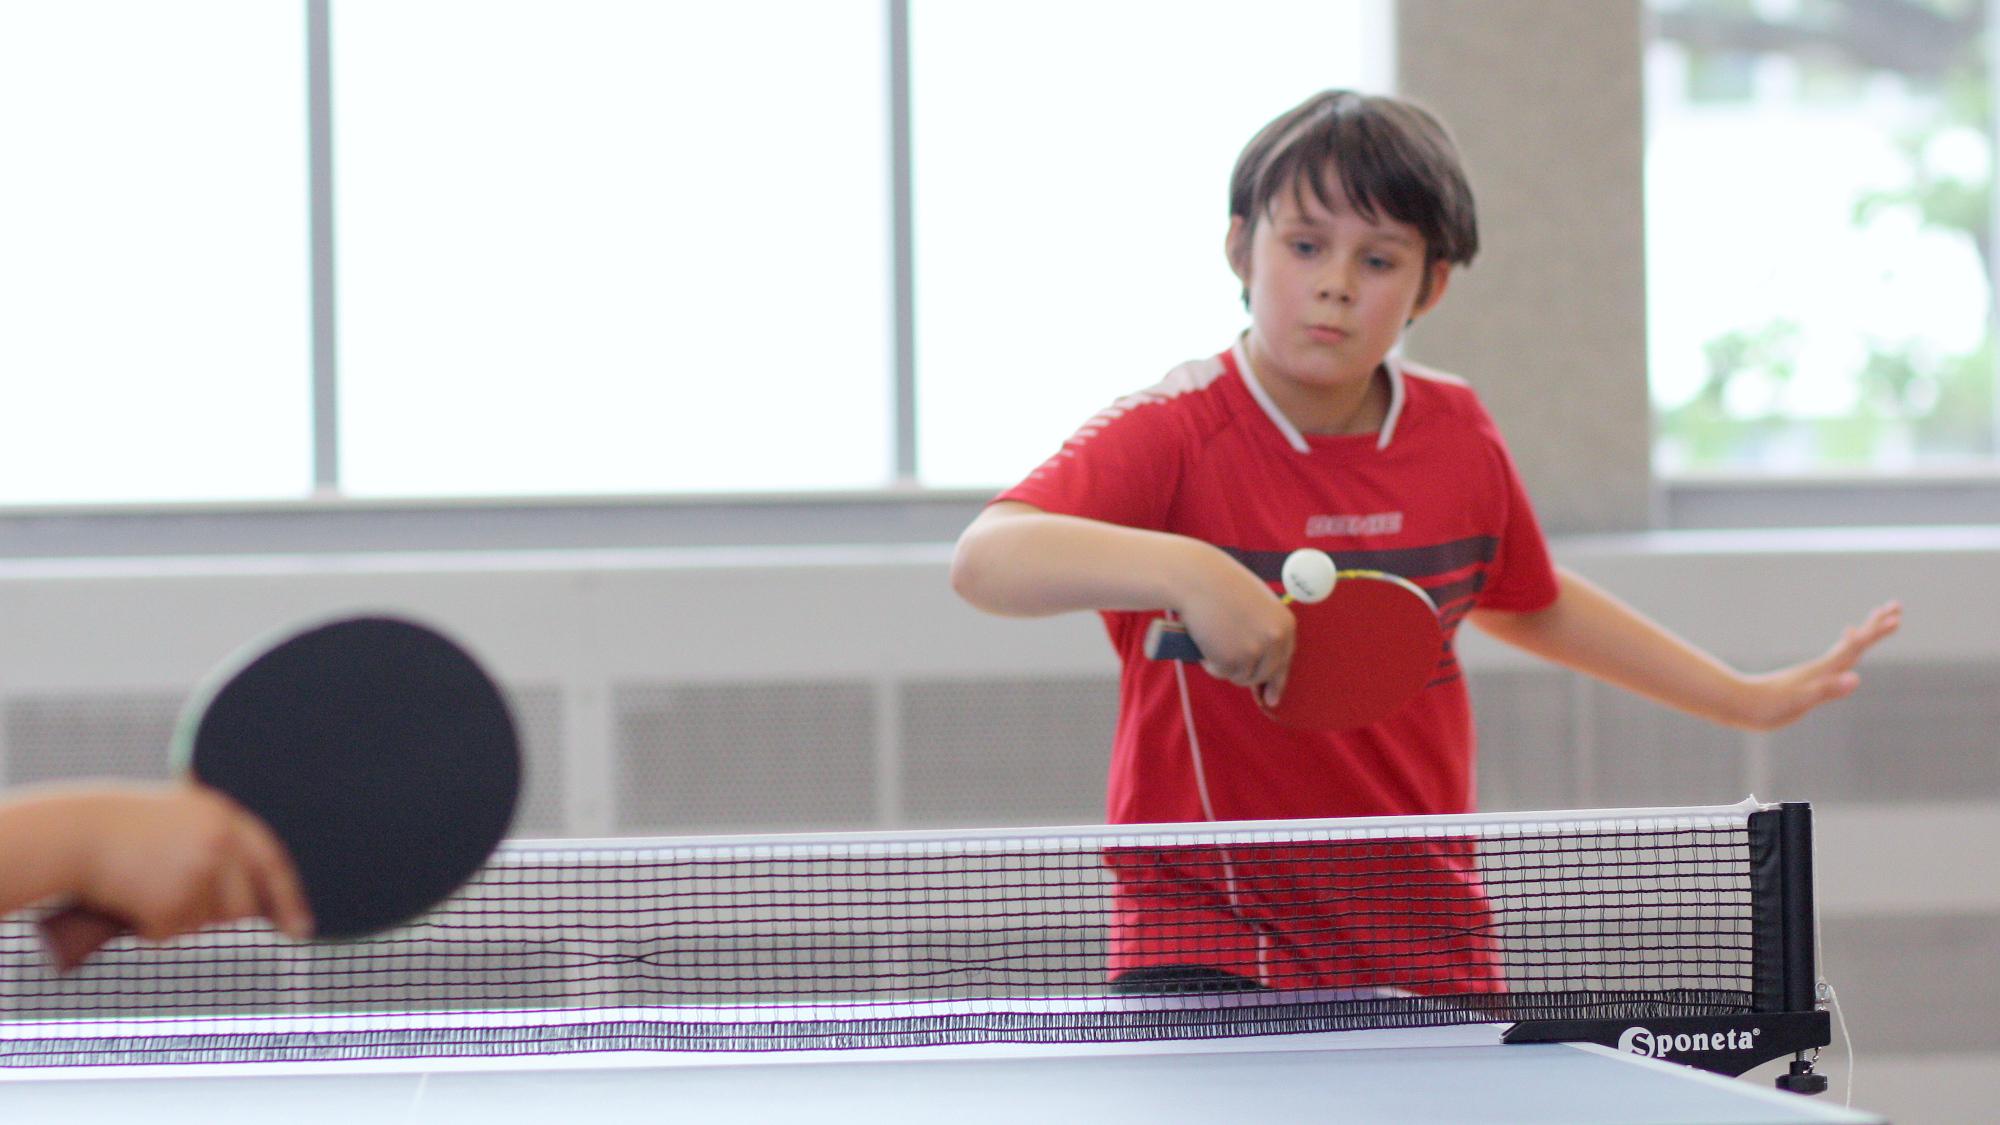 Fabian kam ins Viertelfinale, konnte dort aber nicht gegen Timo gewinnen.